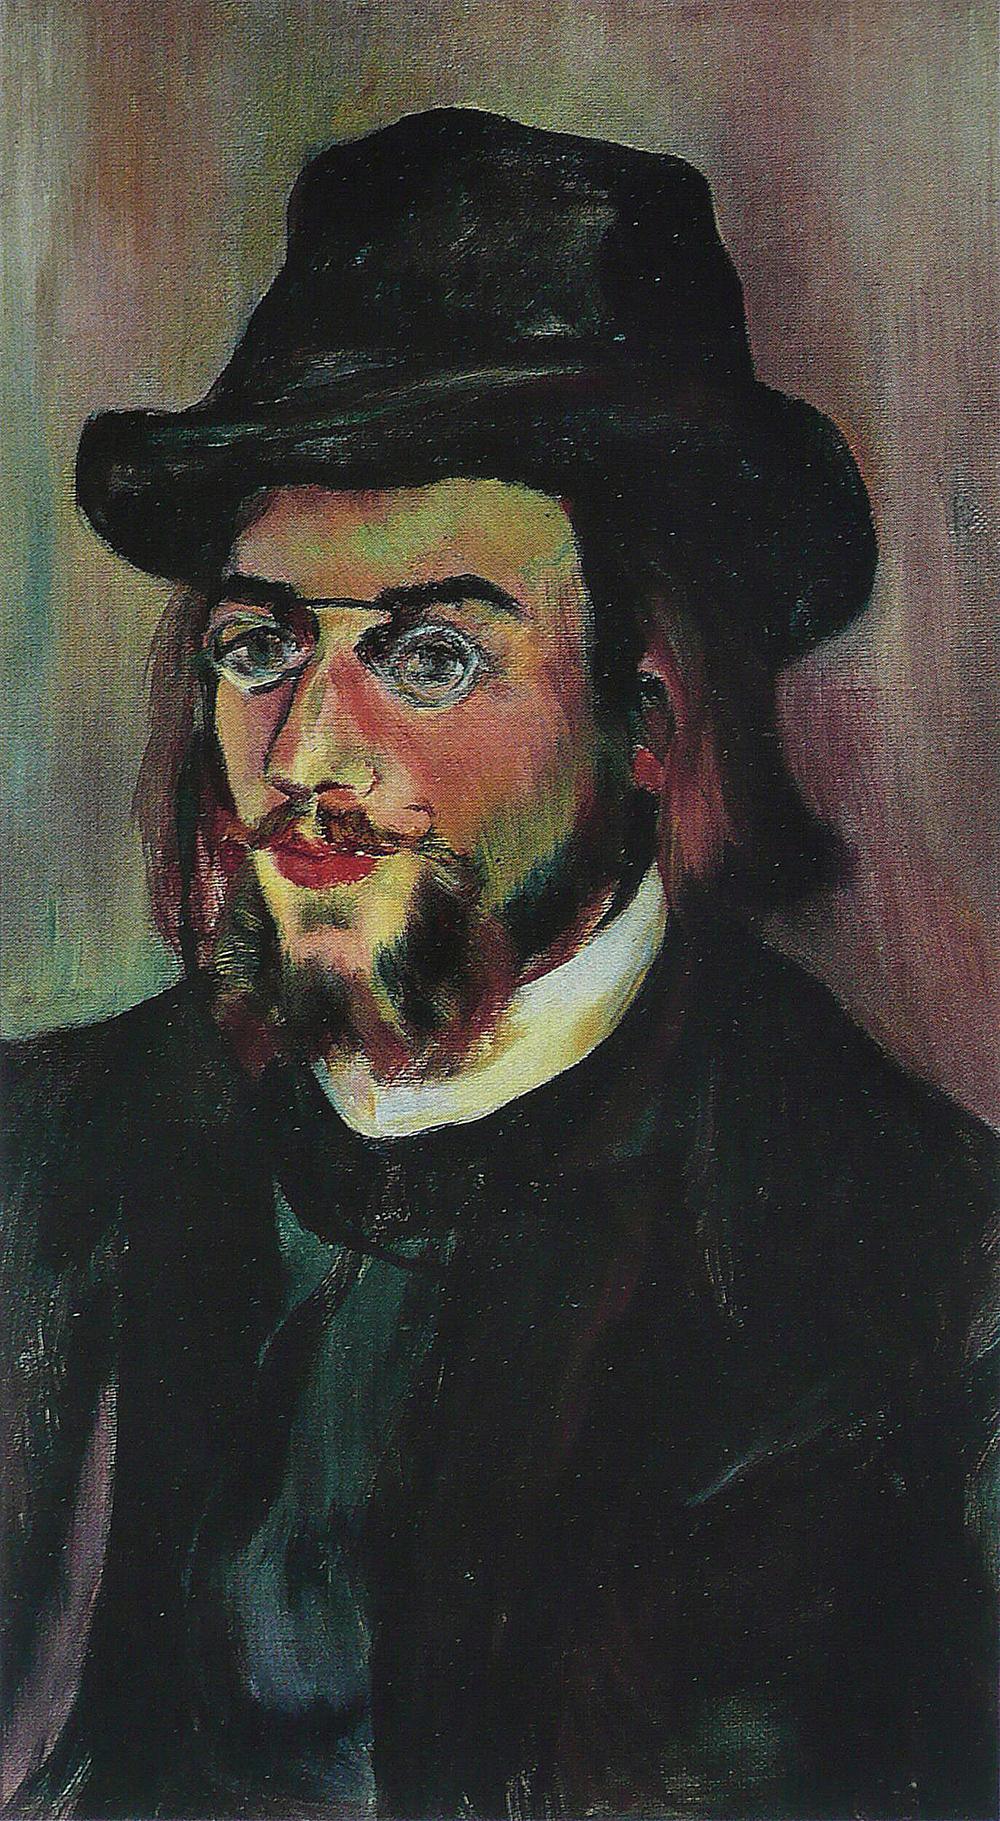 """""""Portrait of Erik Satie,"""" by Suzanne Valadon, 1893. Musée National d'Art Moderne, Paris."""